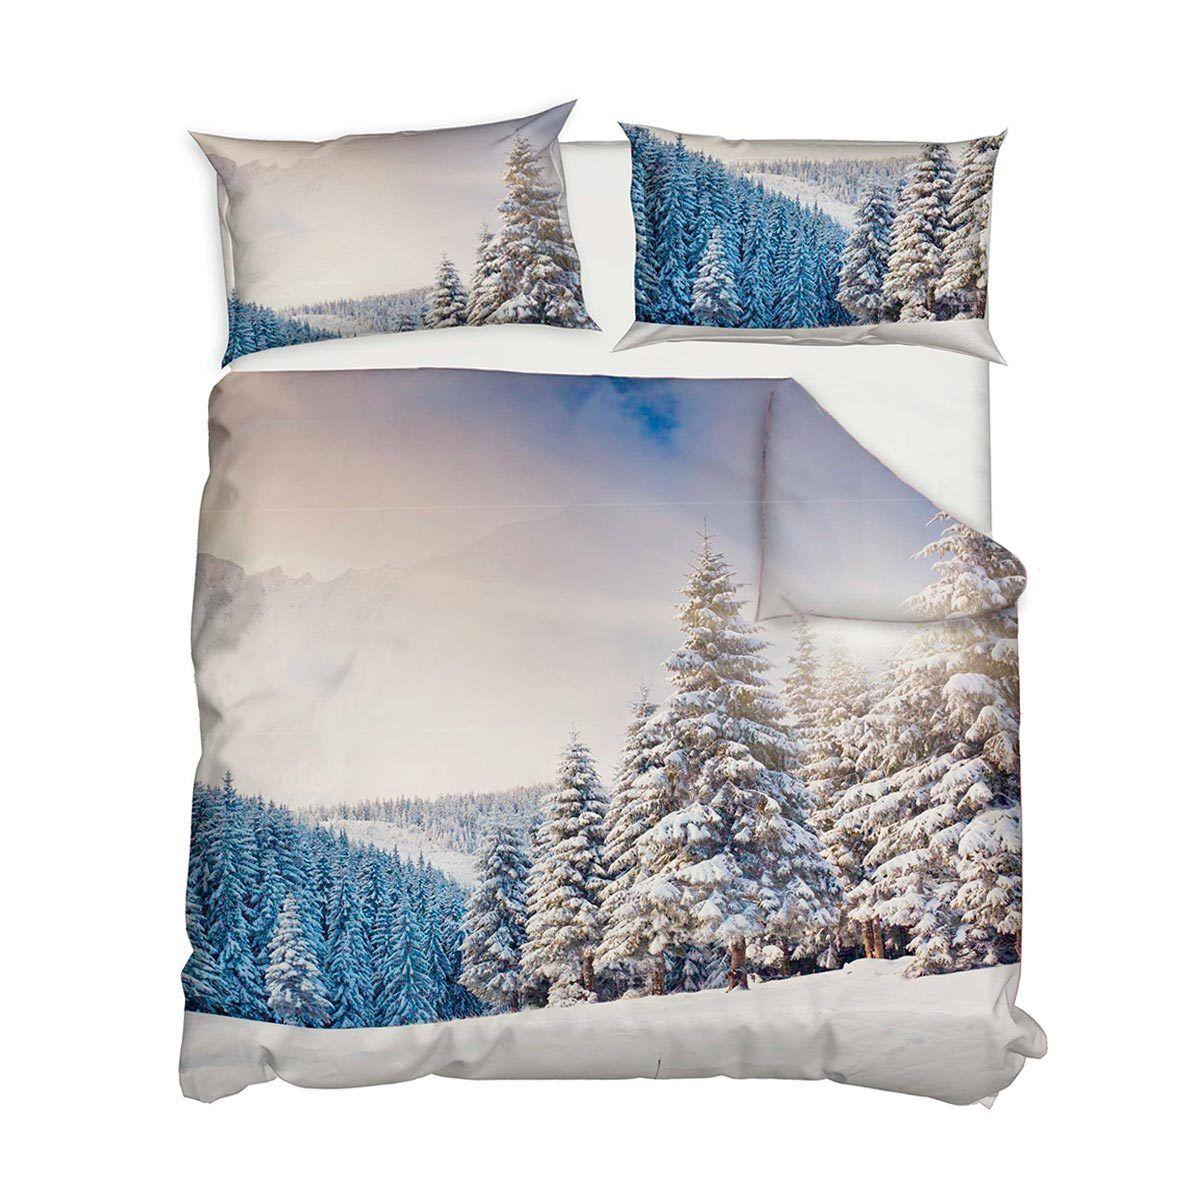 Parure copripiumino Winter di Daunex digitale per letto Matrimoniale R592